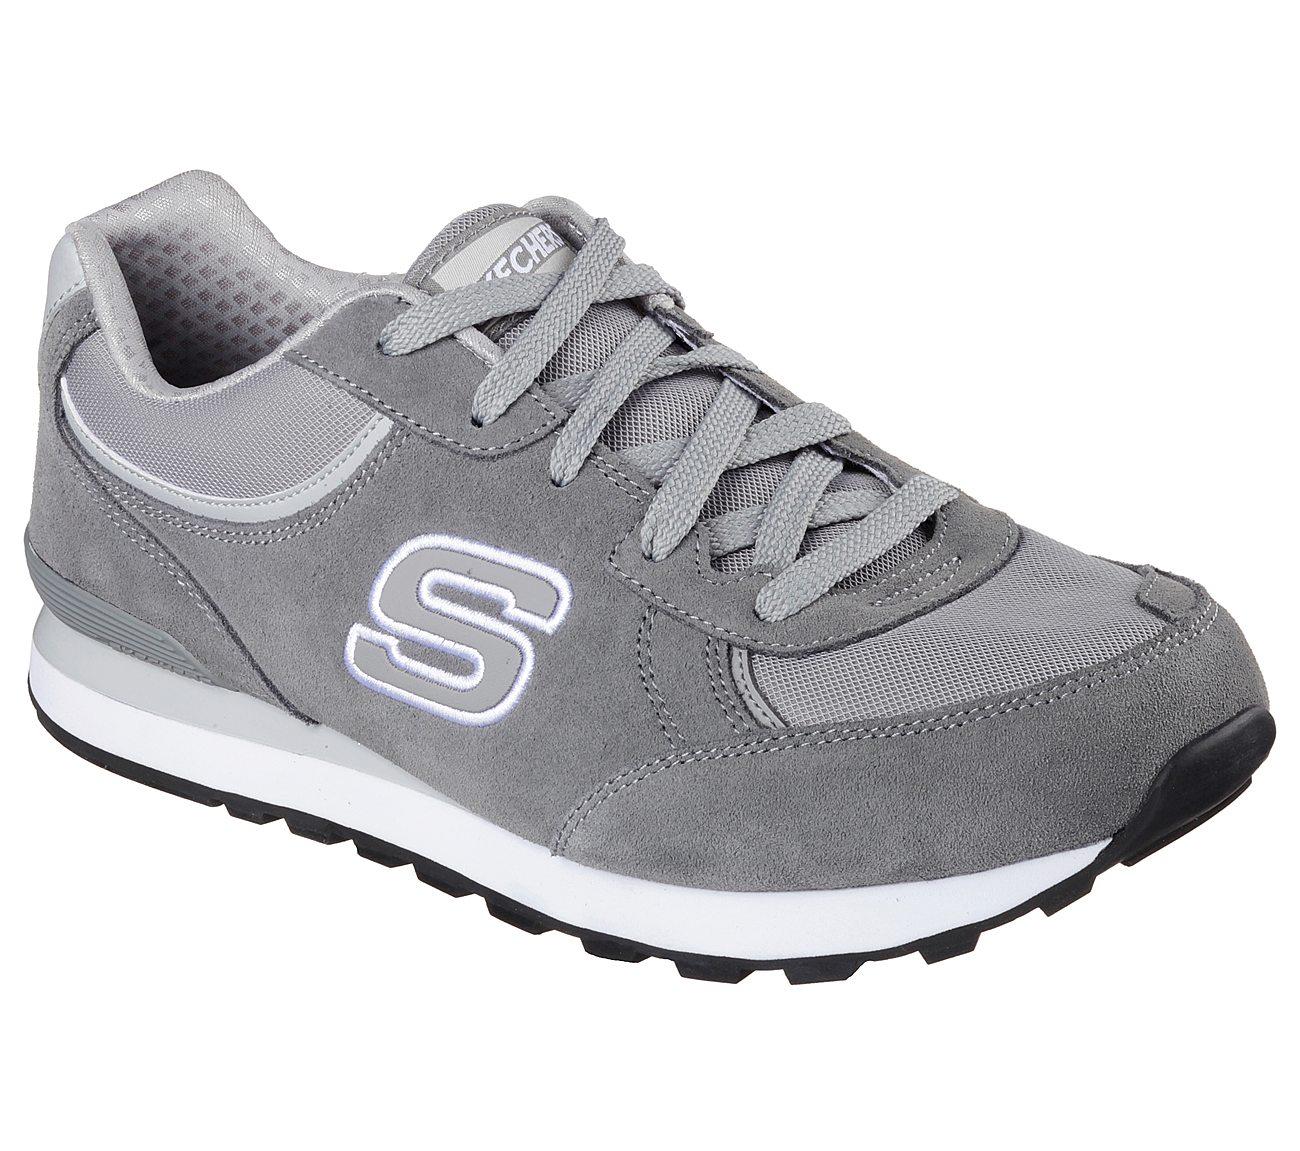 Buy skechers og 82 originals shoes only for 52300